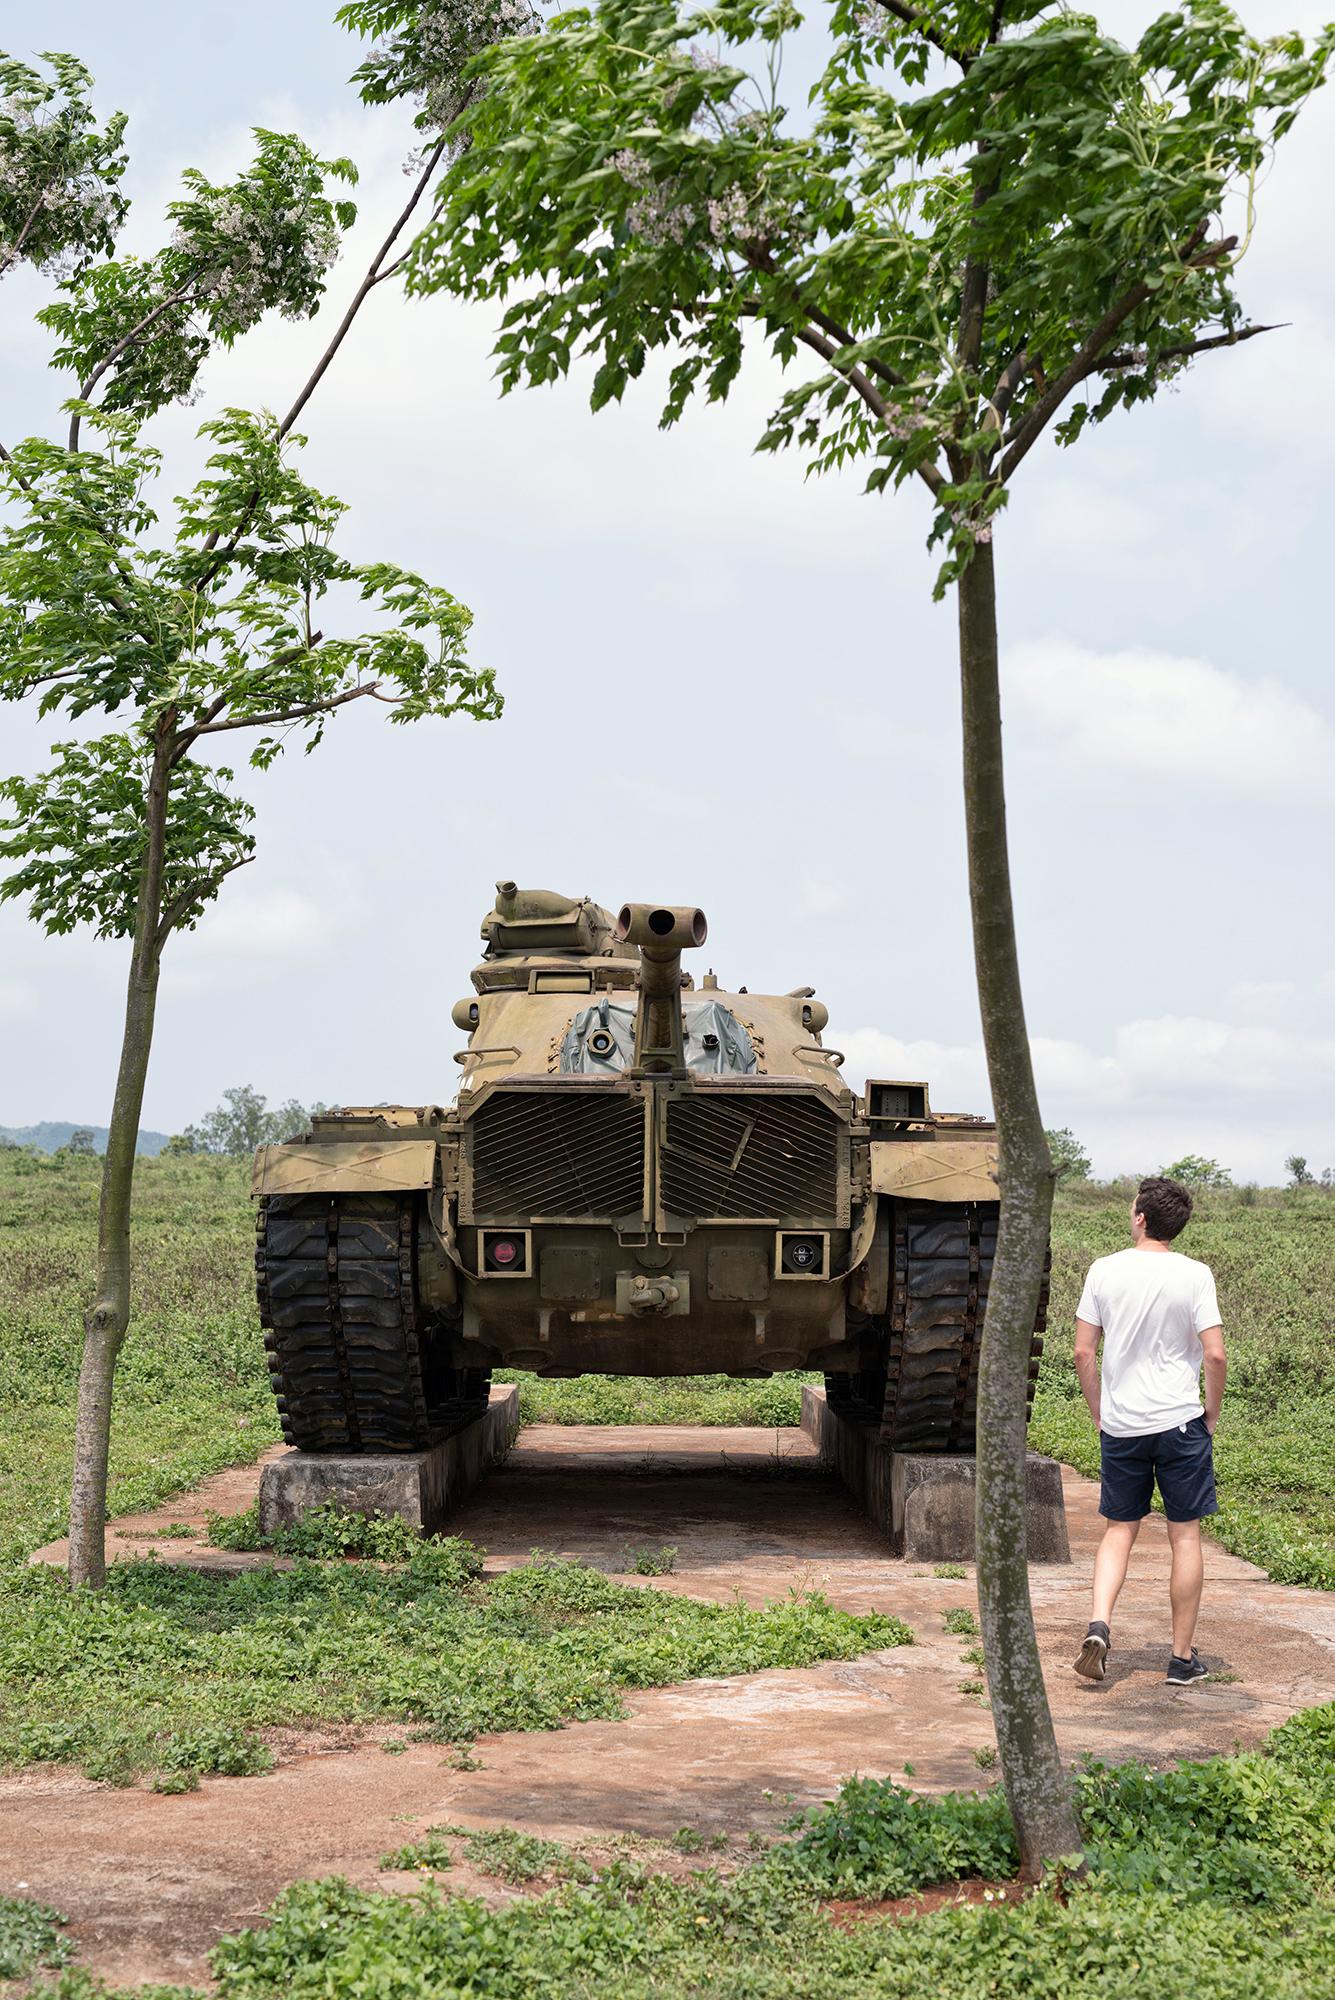 Die ehemalige Basis der US-Marines bei Khe Sanh ist heute eine Touristenattraktion. Hier fand 1968 die grösste Schlacht des Vietnamkriegs statt.